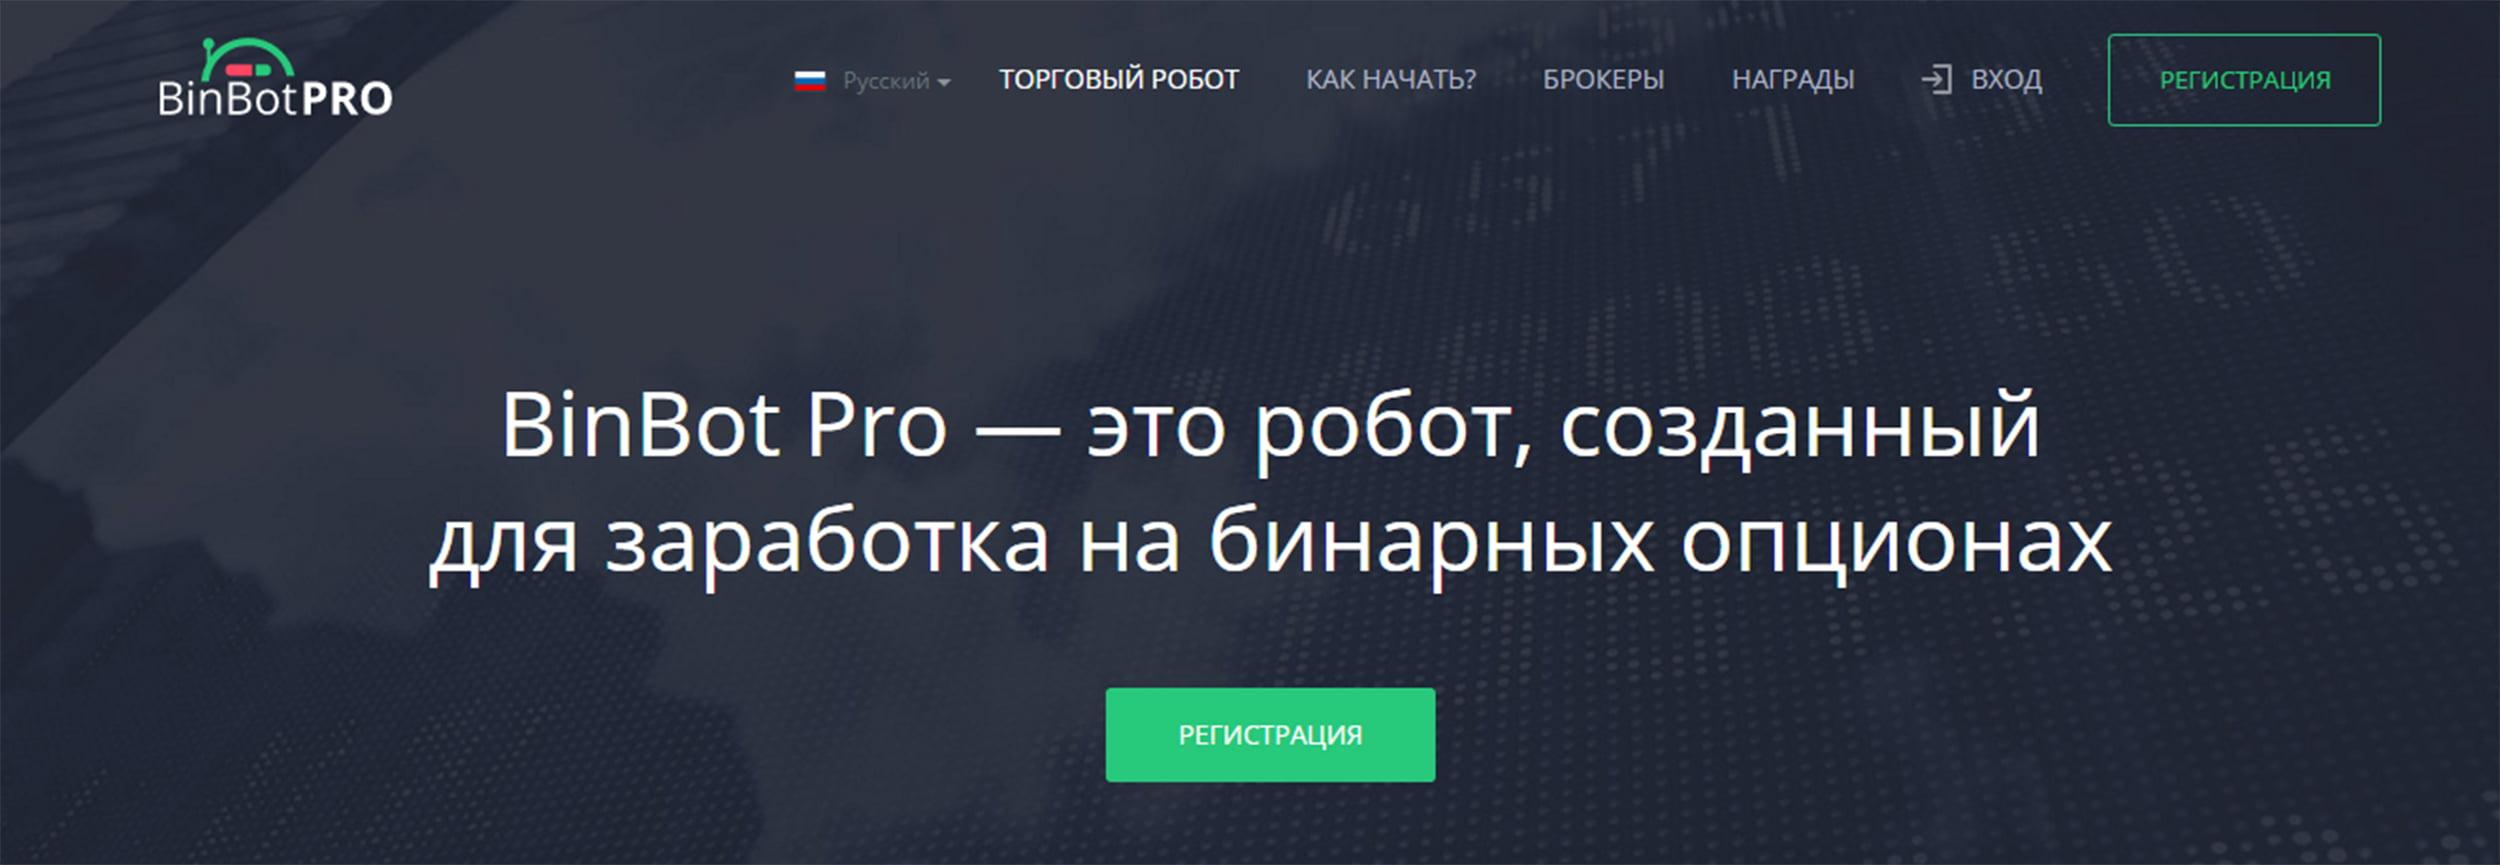 сайт Binbotpro.com